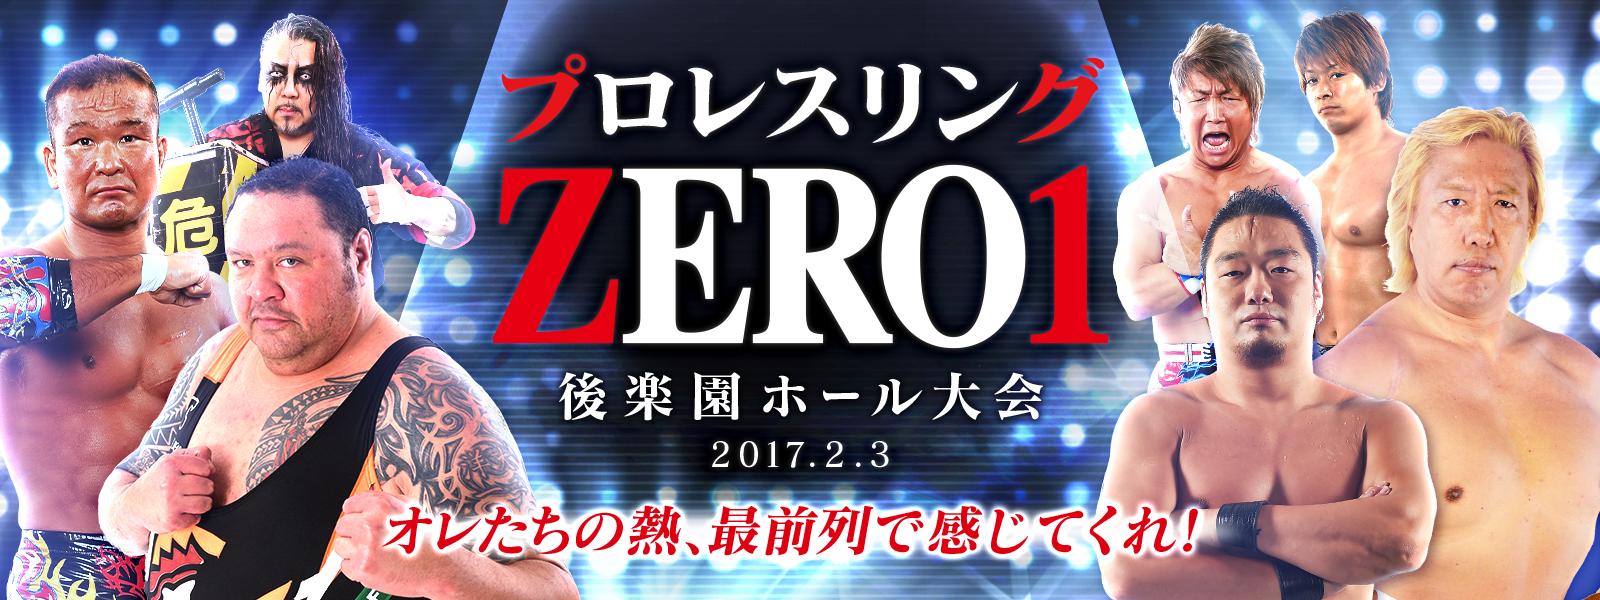 【プロレスリングZERO1】360Channel(サンロクマルチャンネル)にて後楽園ホール大会を360度映像で独占配信!